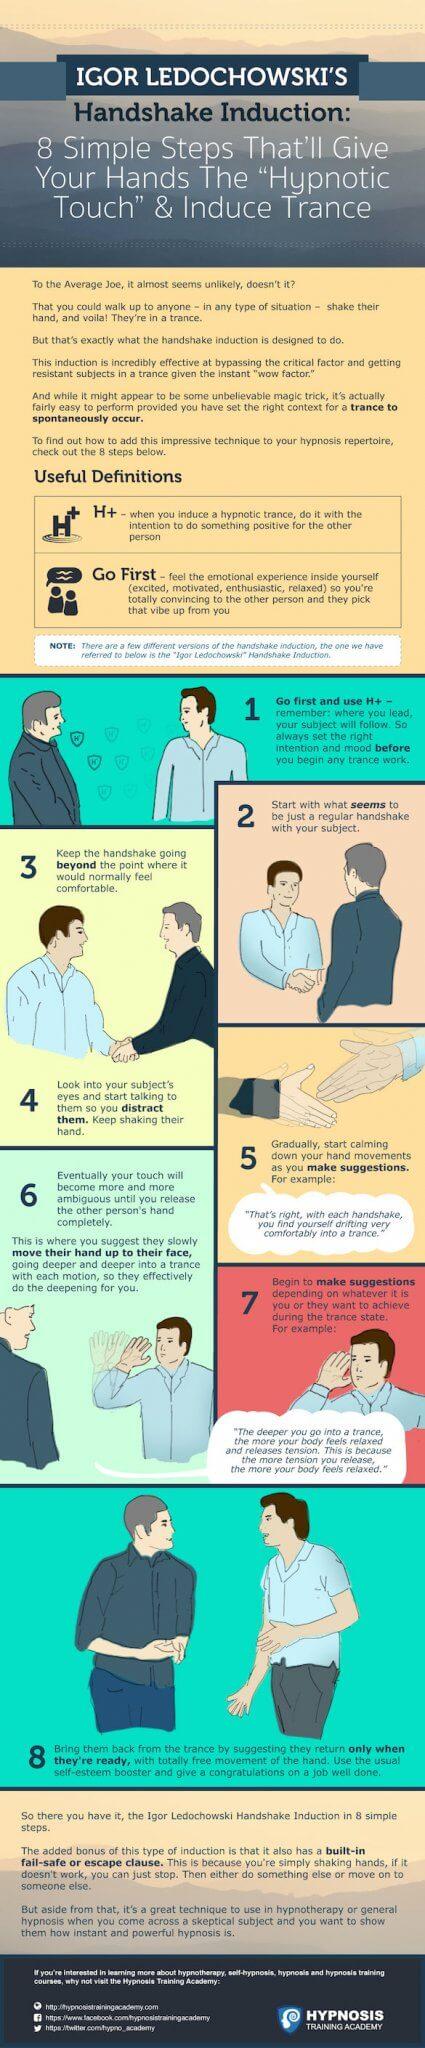 igor ledochowski handshake induction